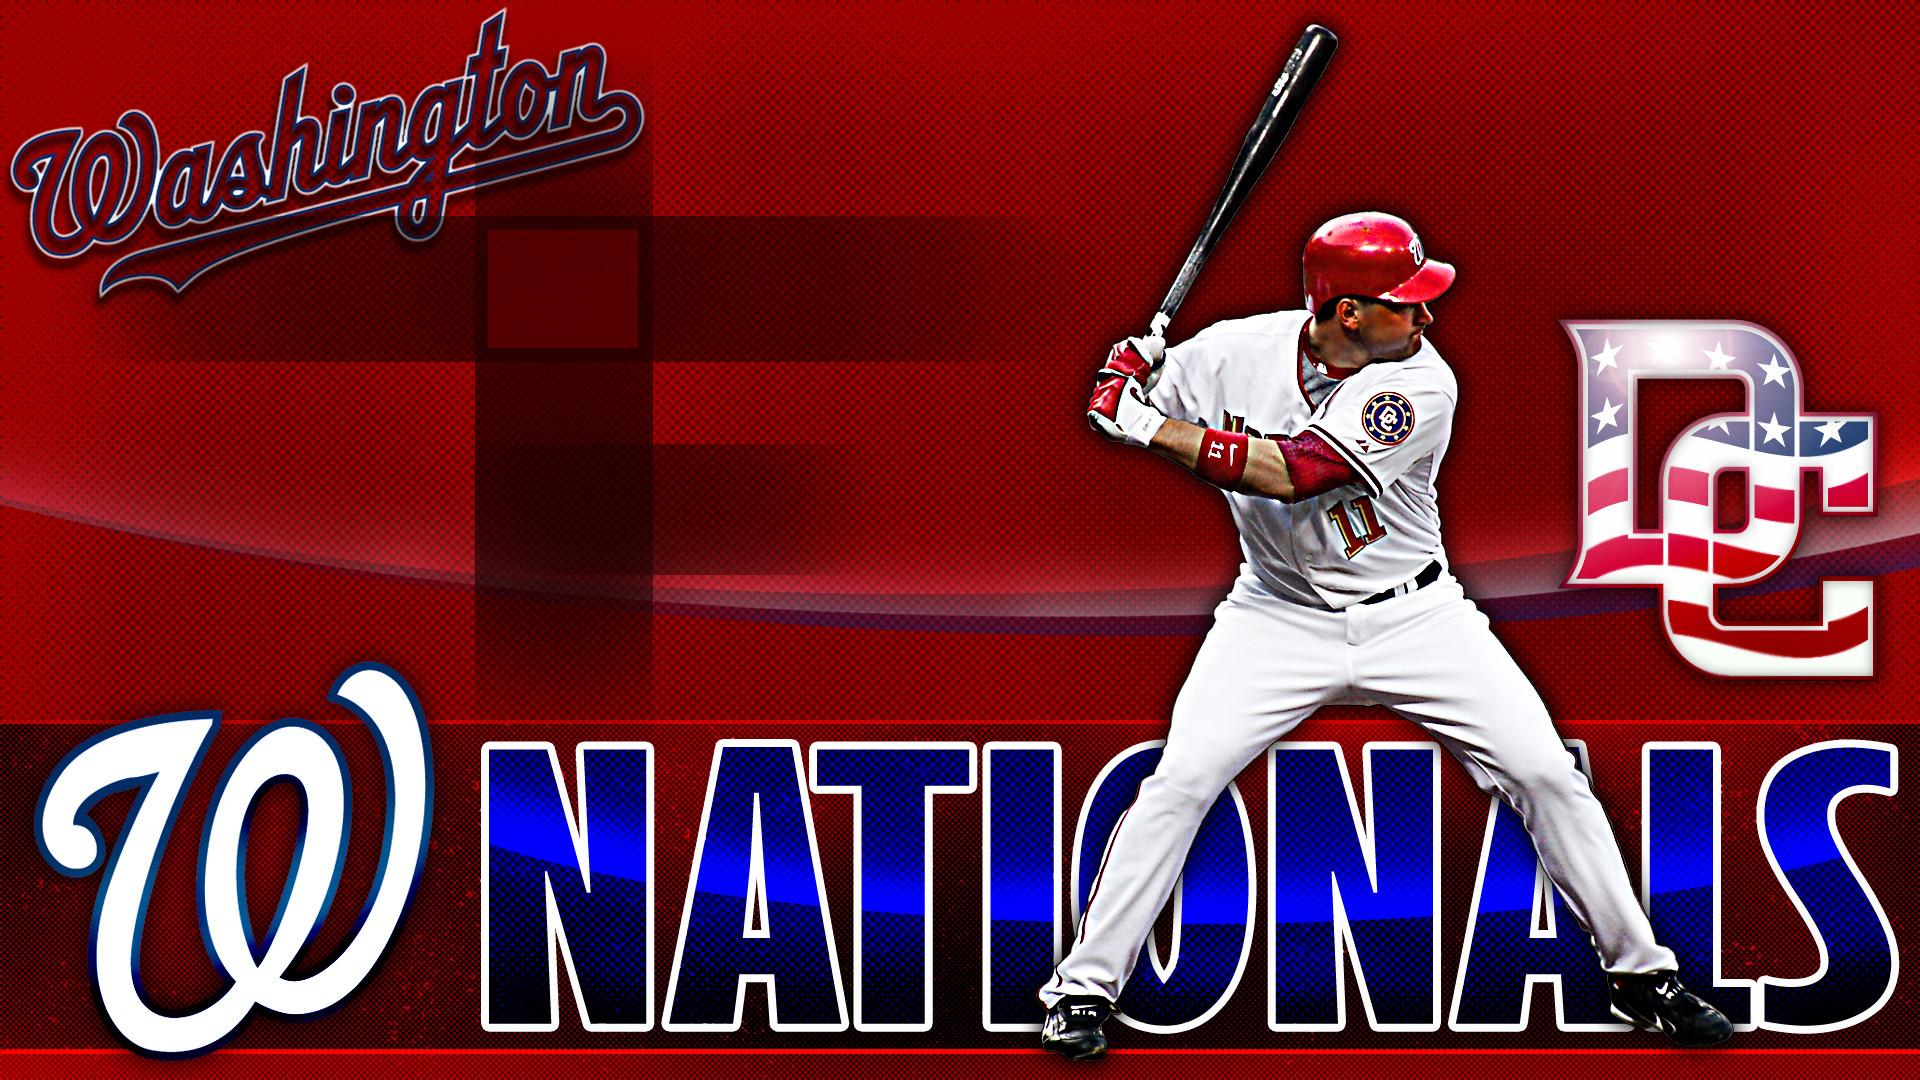 WASHINGTON NATIONALS mlb baseball (28) wallpaper | | 229472 |  WallpaperUP